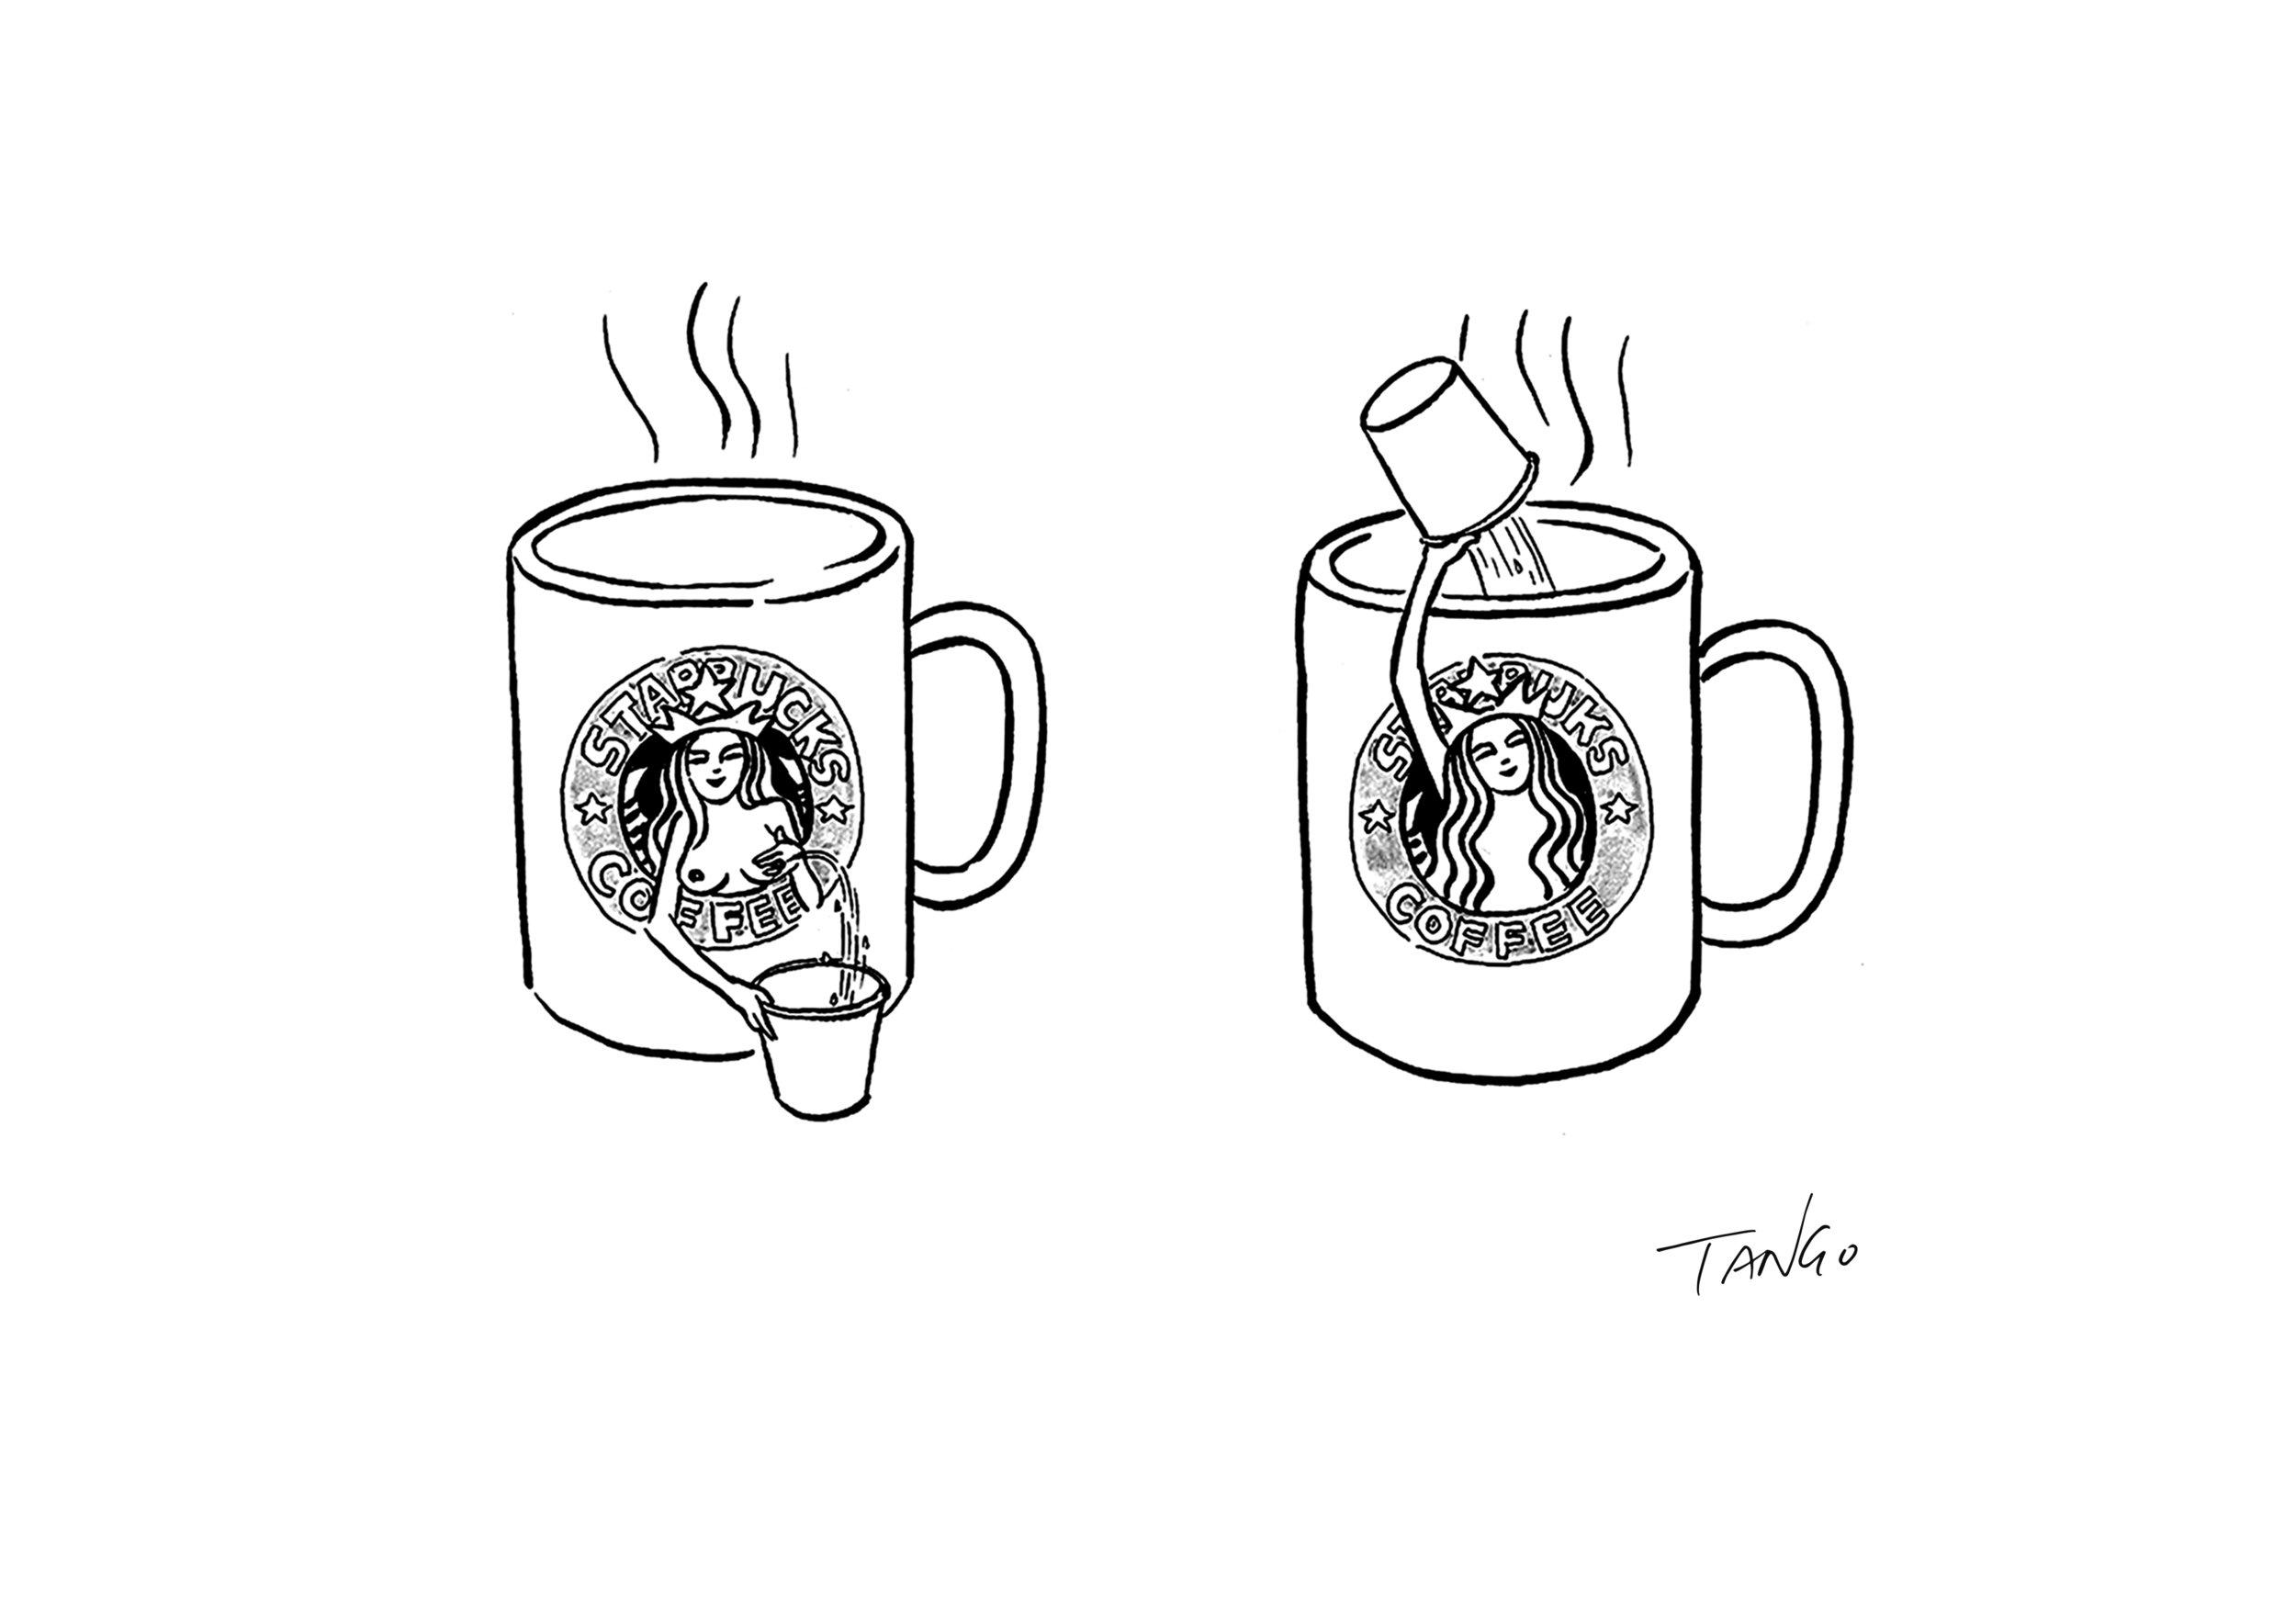 20121120 当你拿到咖啡之前 拷贝.jpg